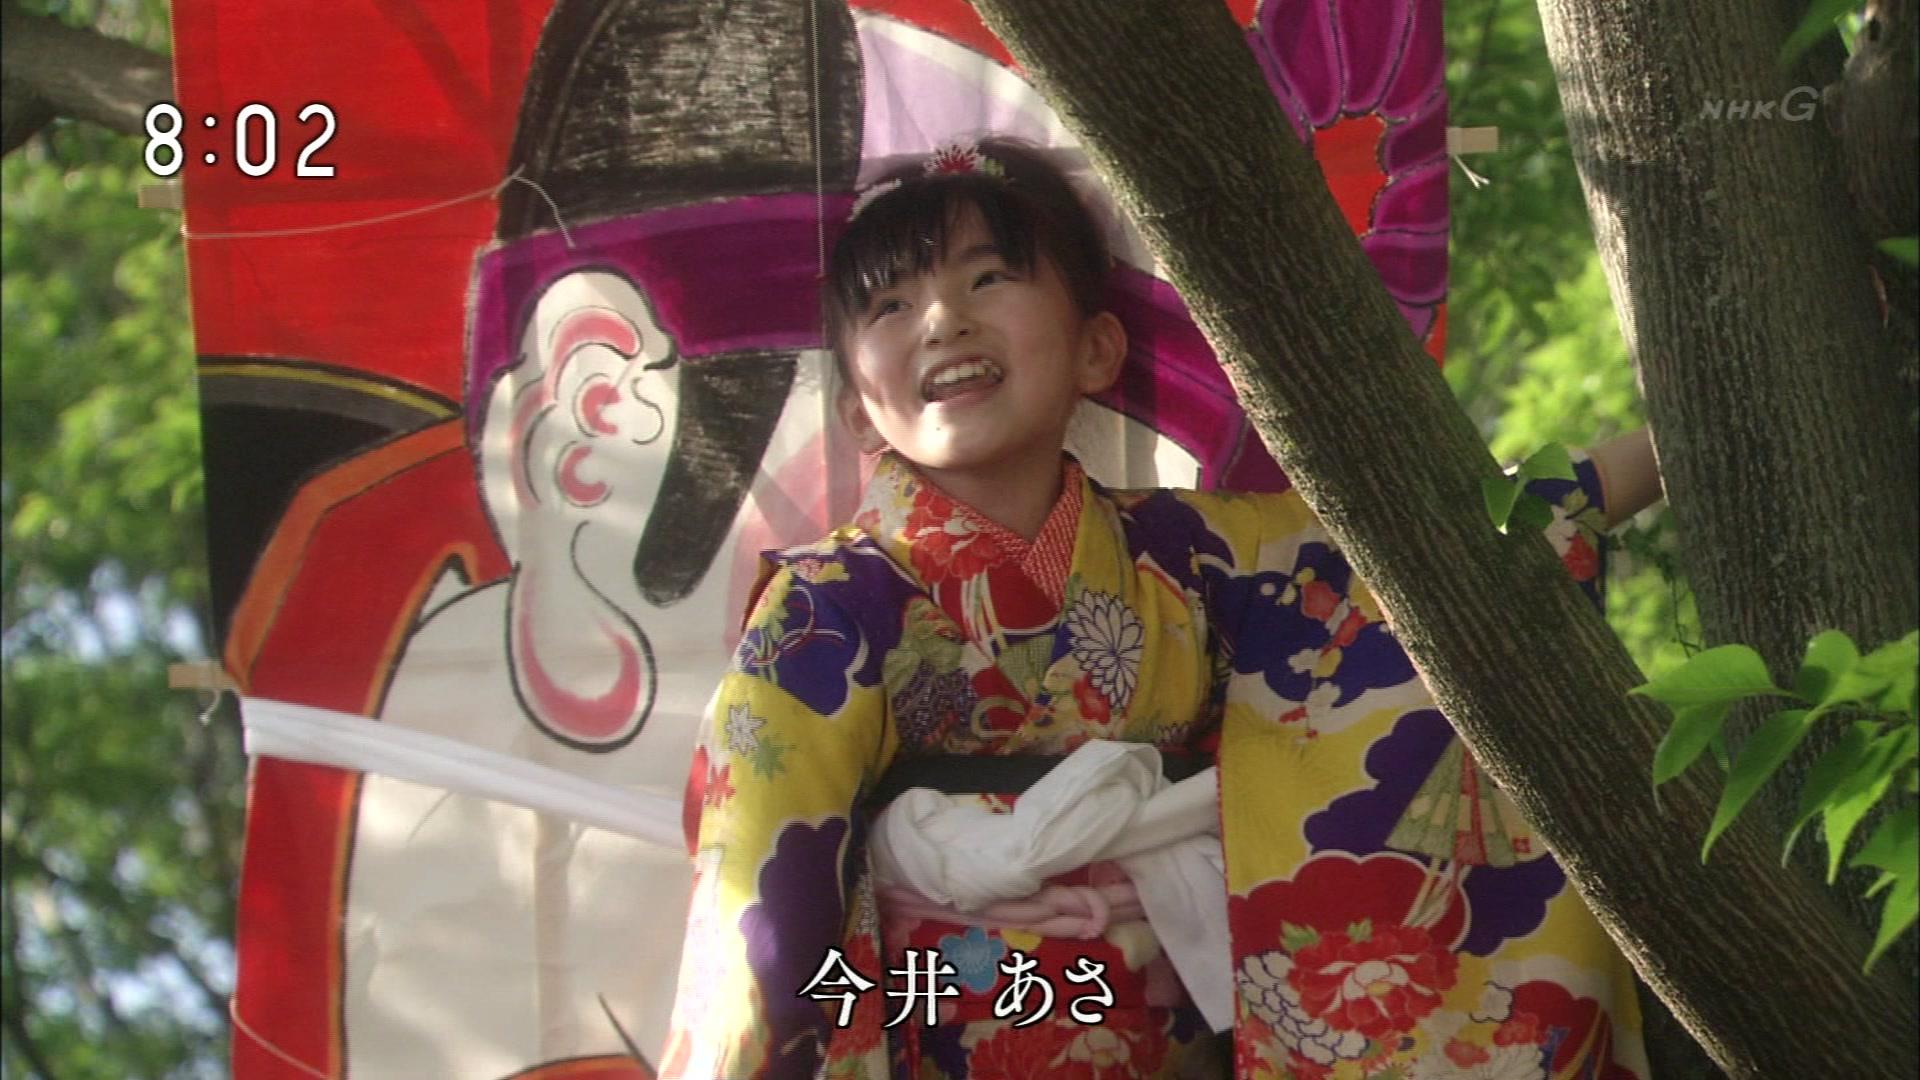 2015-09-28 08:00 連続テレビ小説 あさが来た(1)「小さな許嫁(いいなずけ)」 04052